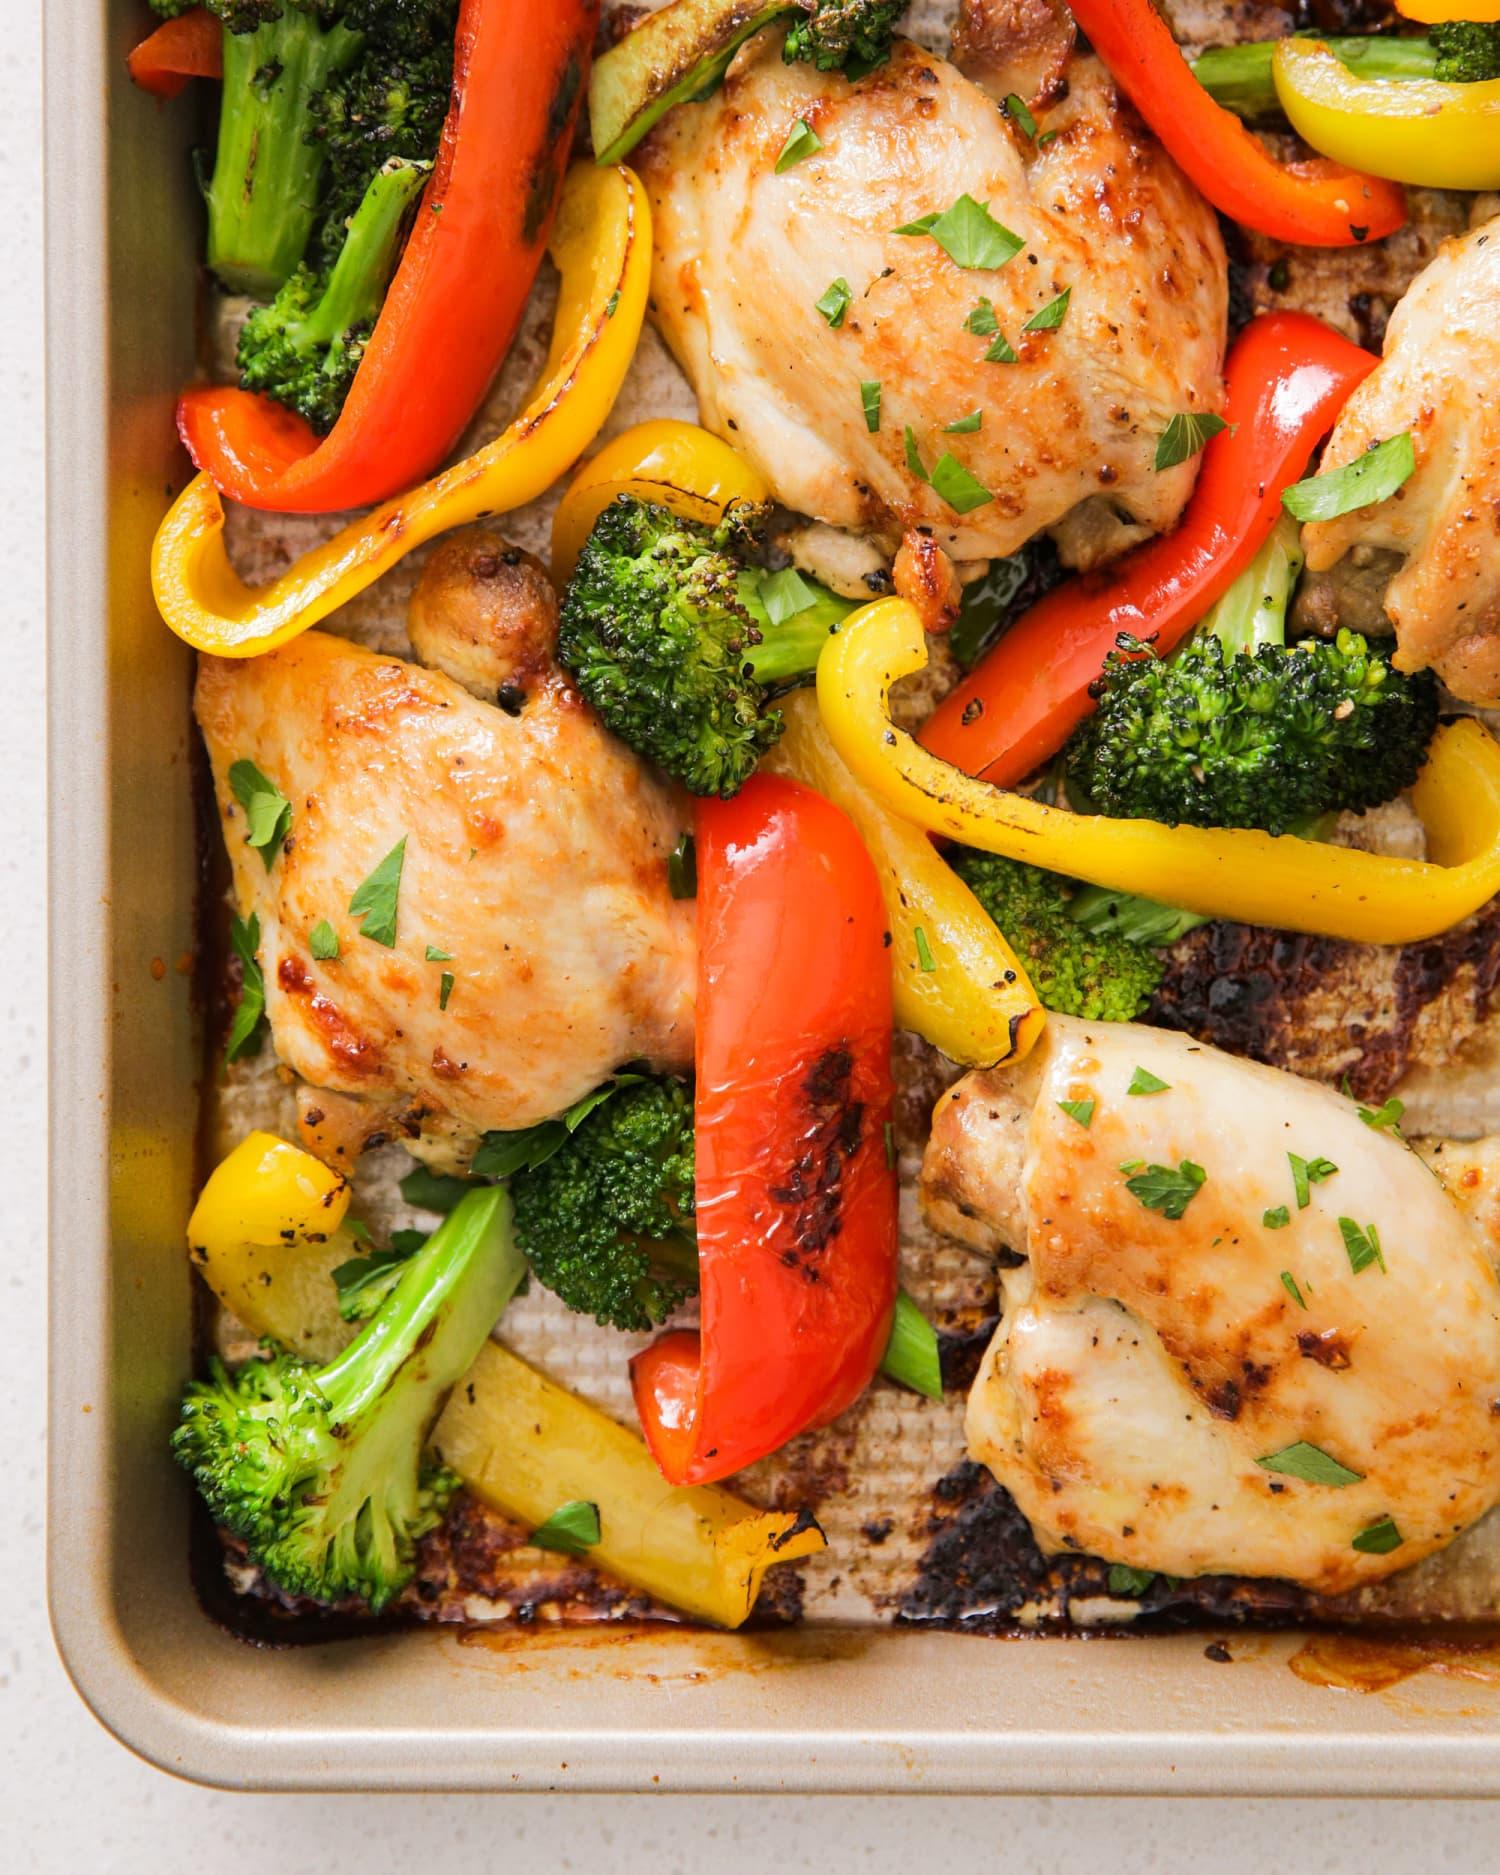 Recipe: 5-Ingredient Whole30 Sheet Pan Chicken